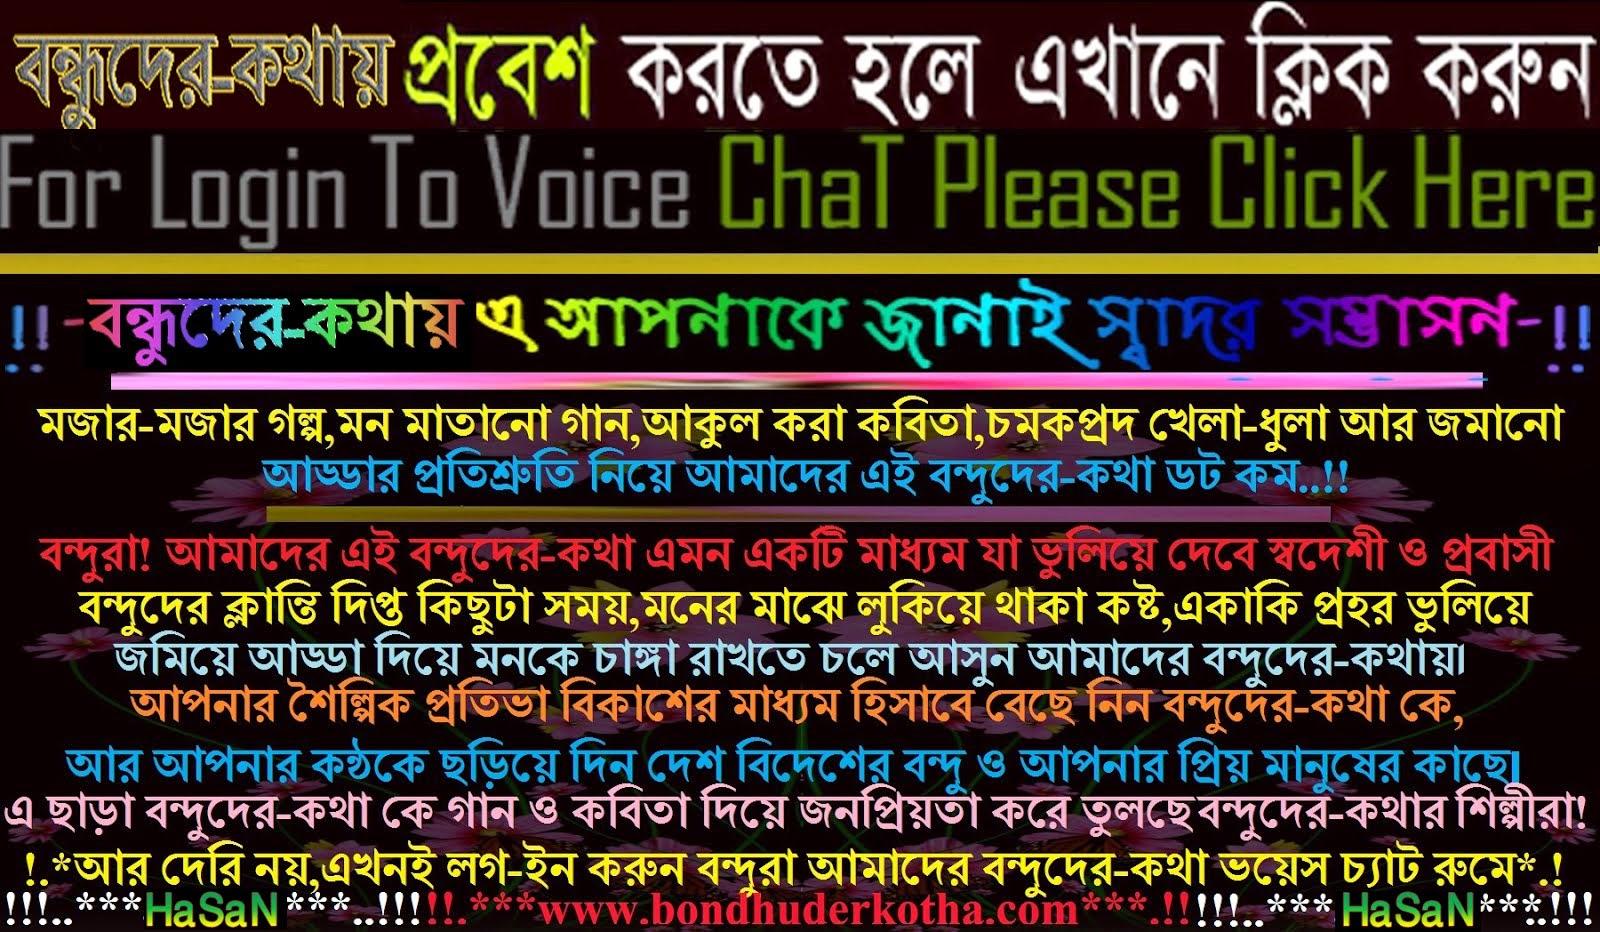 Kotha chat